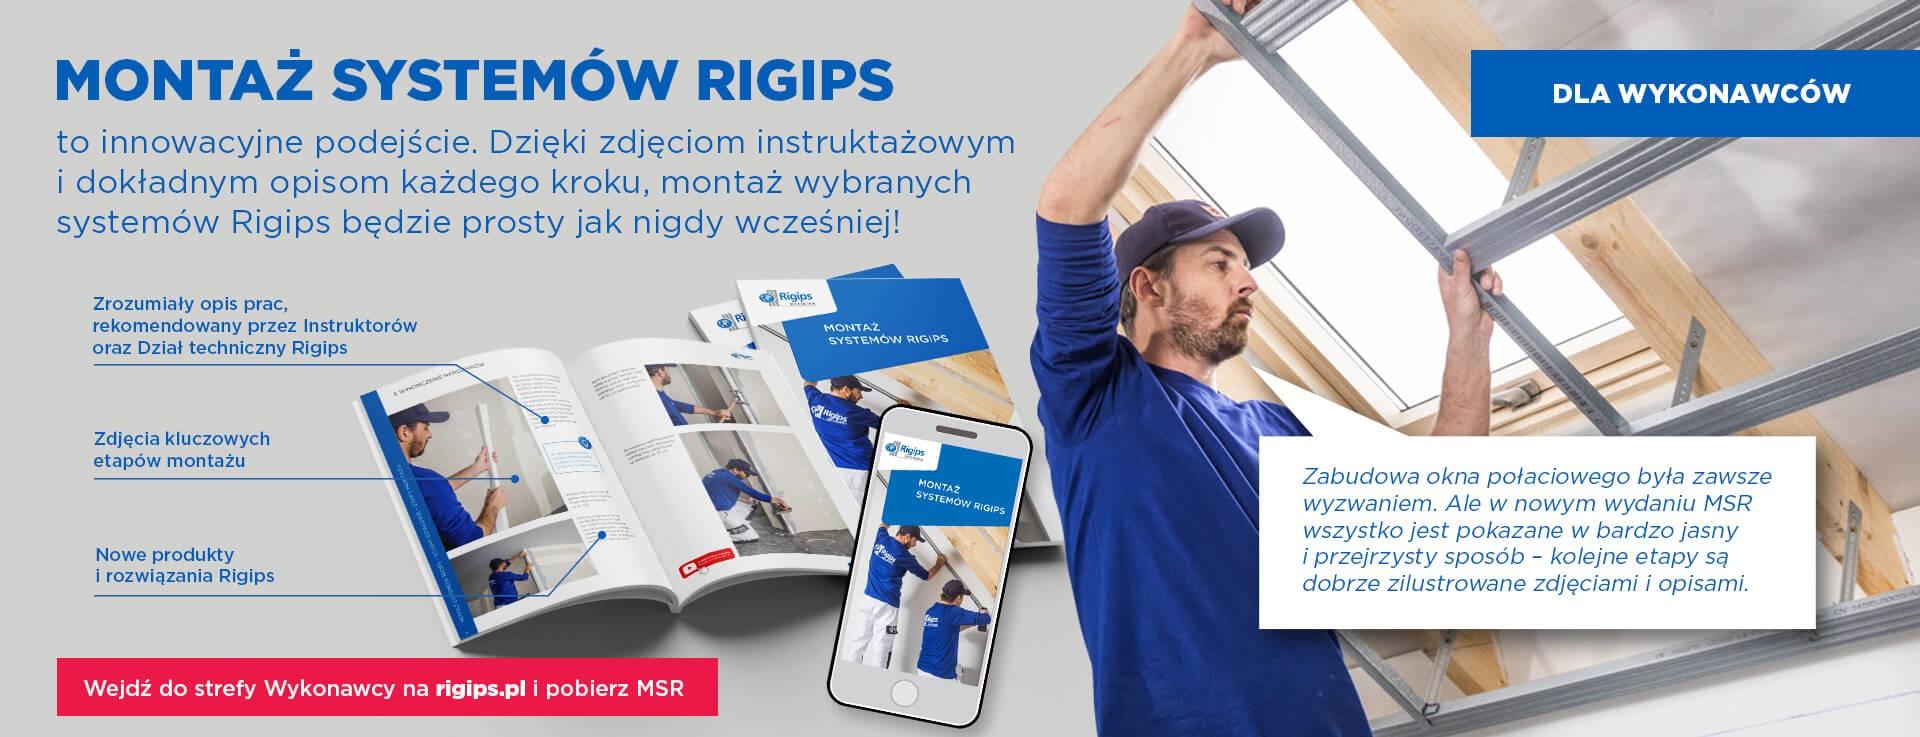 Montaz-systemow-rigips